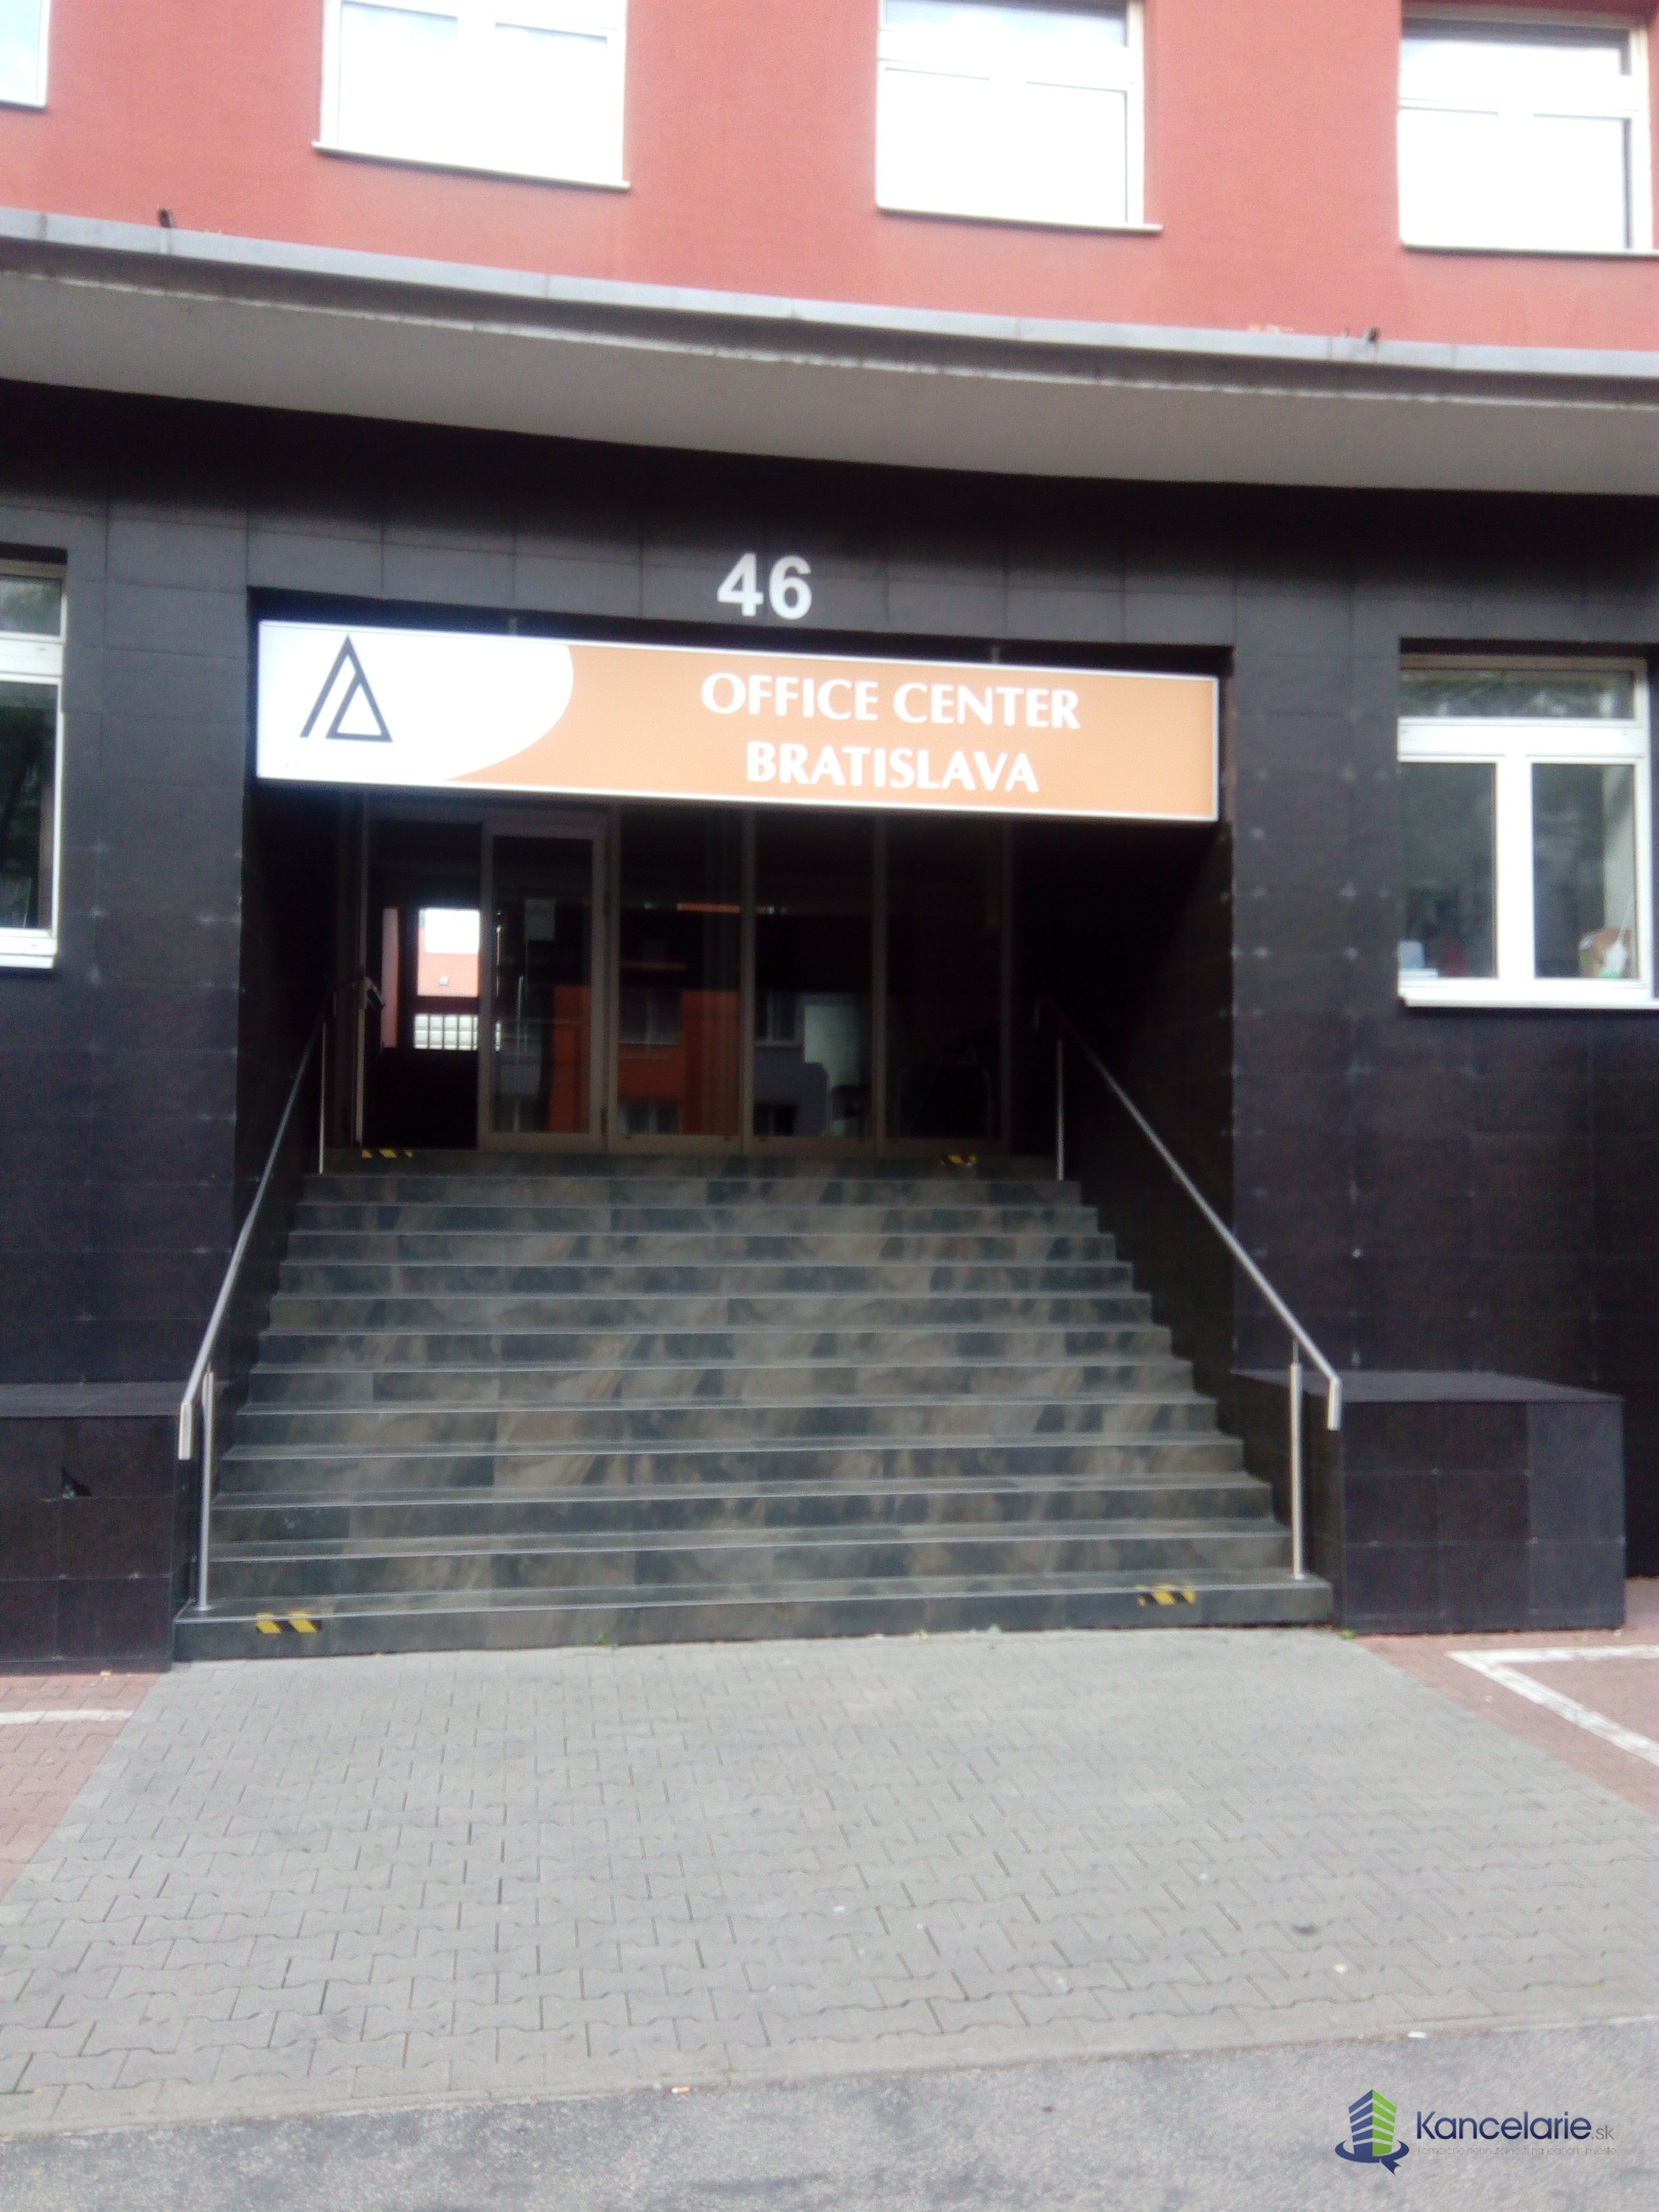 Podnikateľské centrum, Kancelárske priestory, Záhradnícka 46, Bratislava